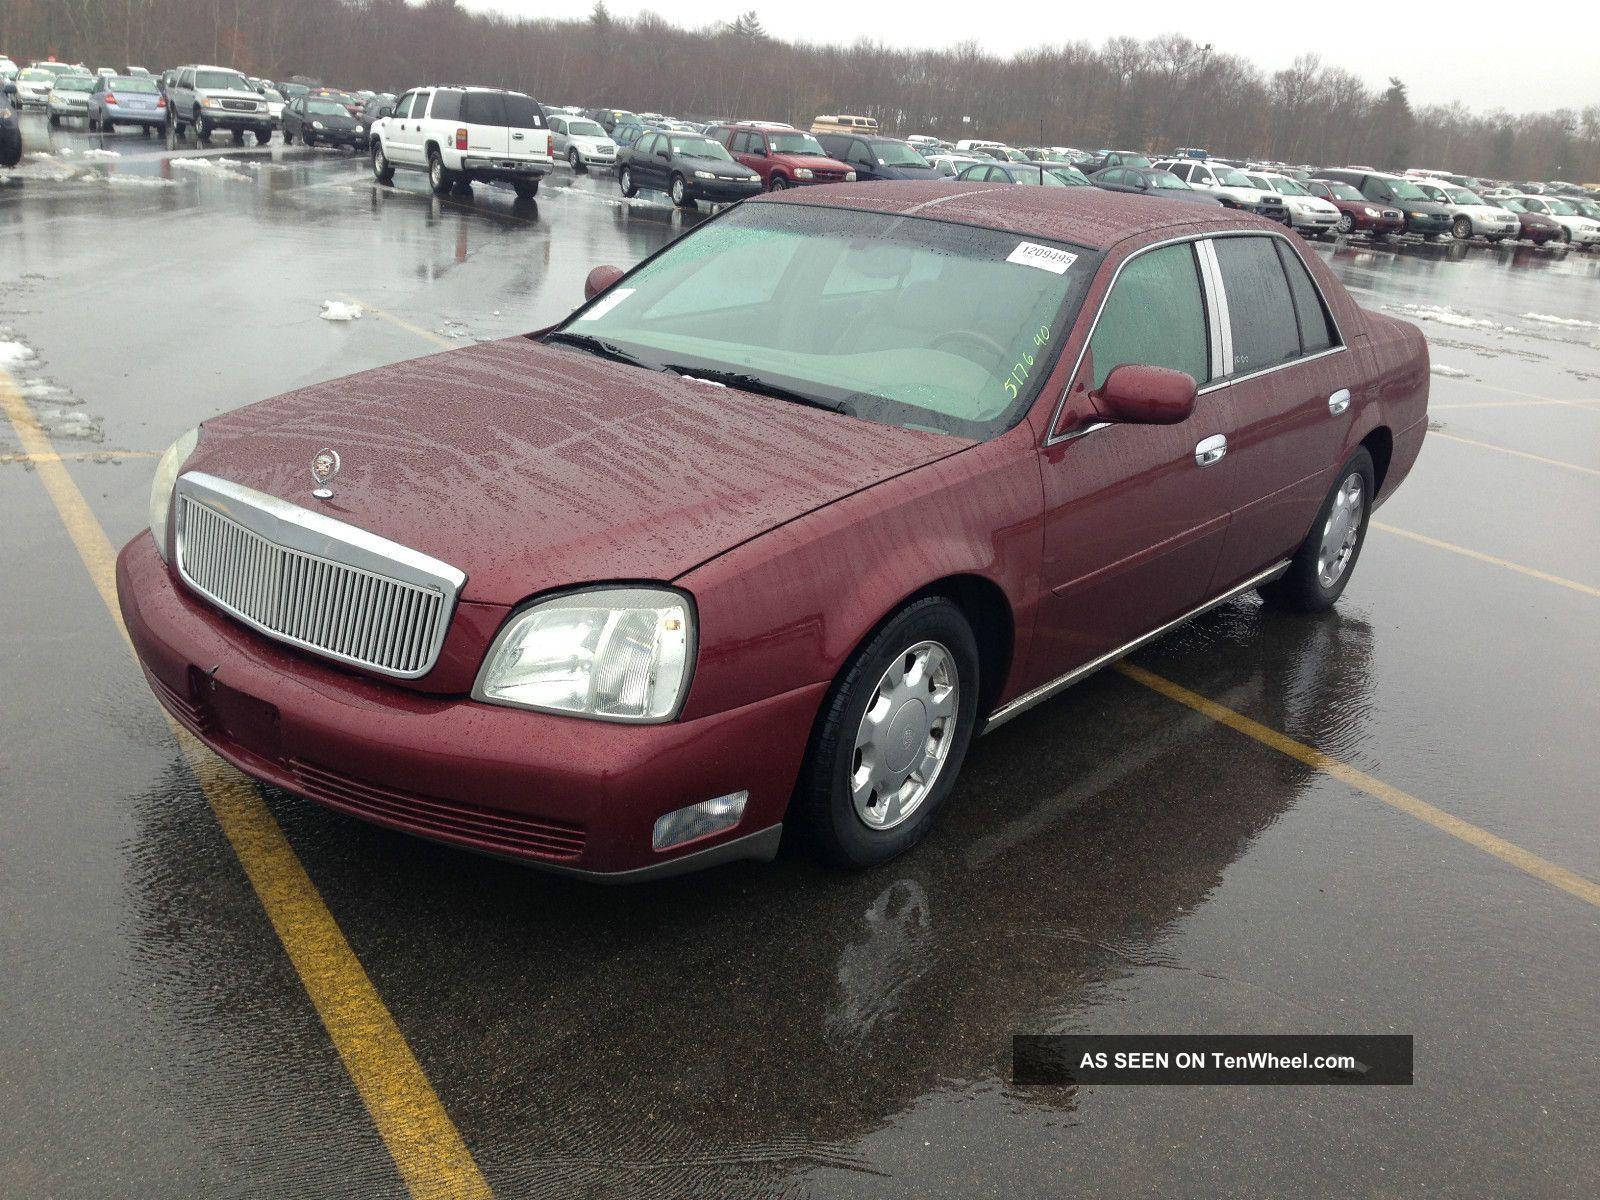 2001 Cadillac Deville Repo Repo Very DeVille photo